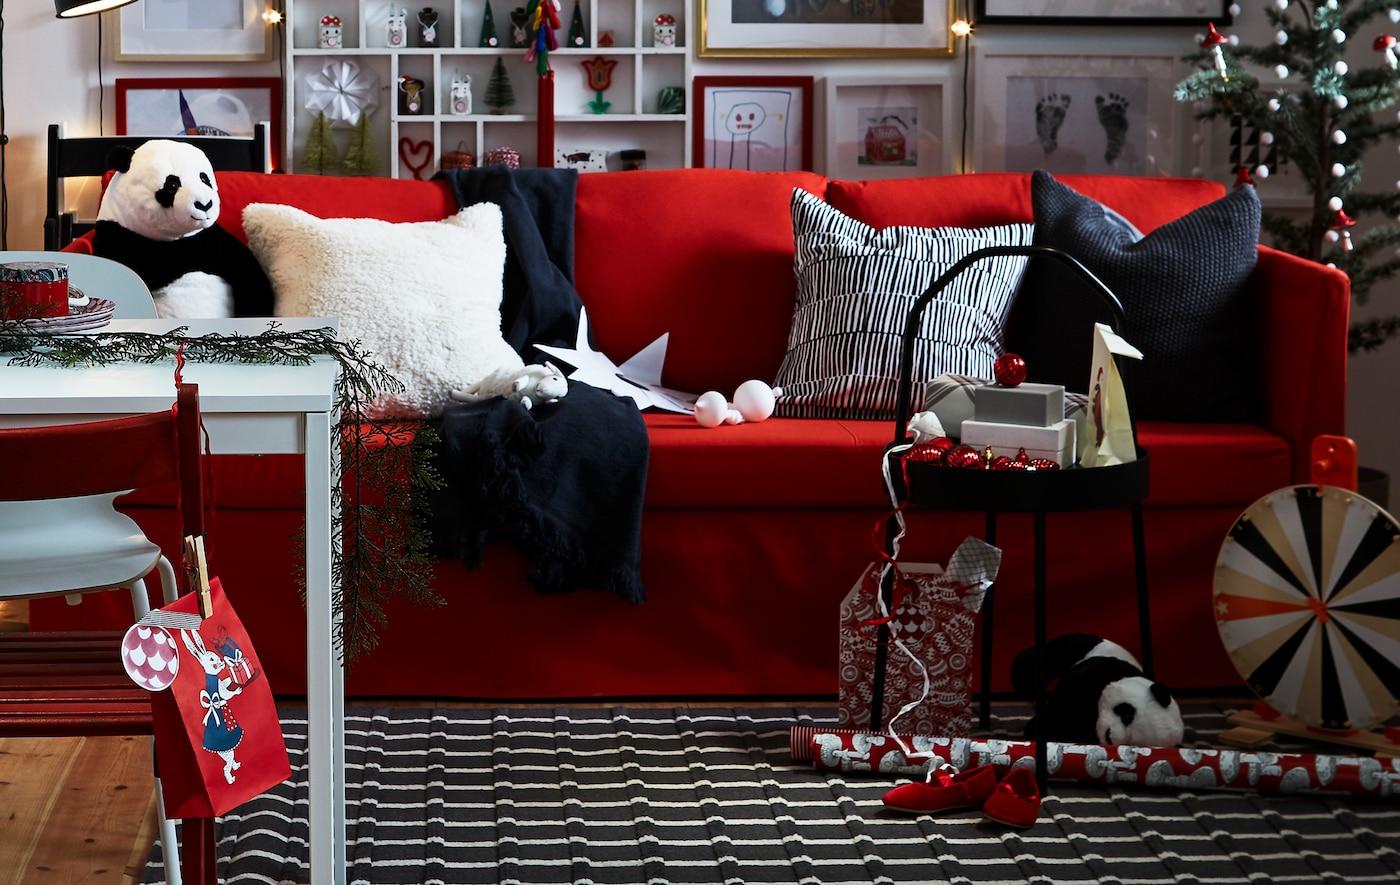 Un salón rojo, negro y blanco con decoraciones festivas.